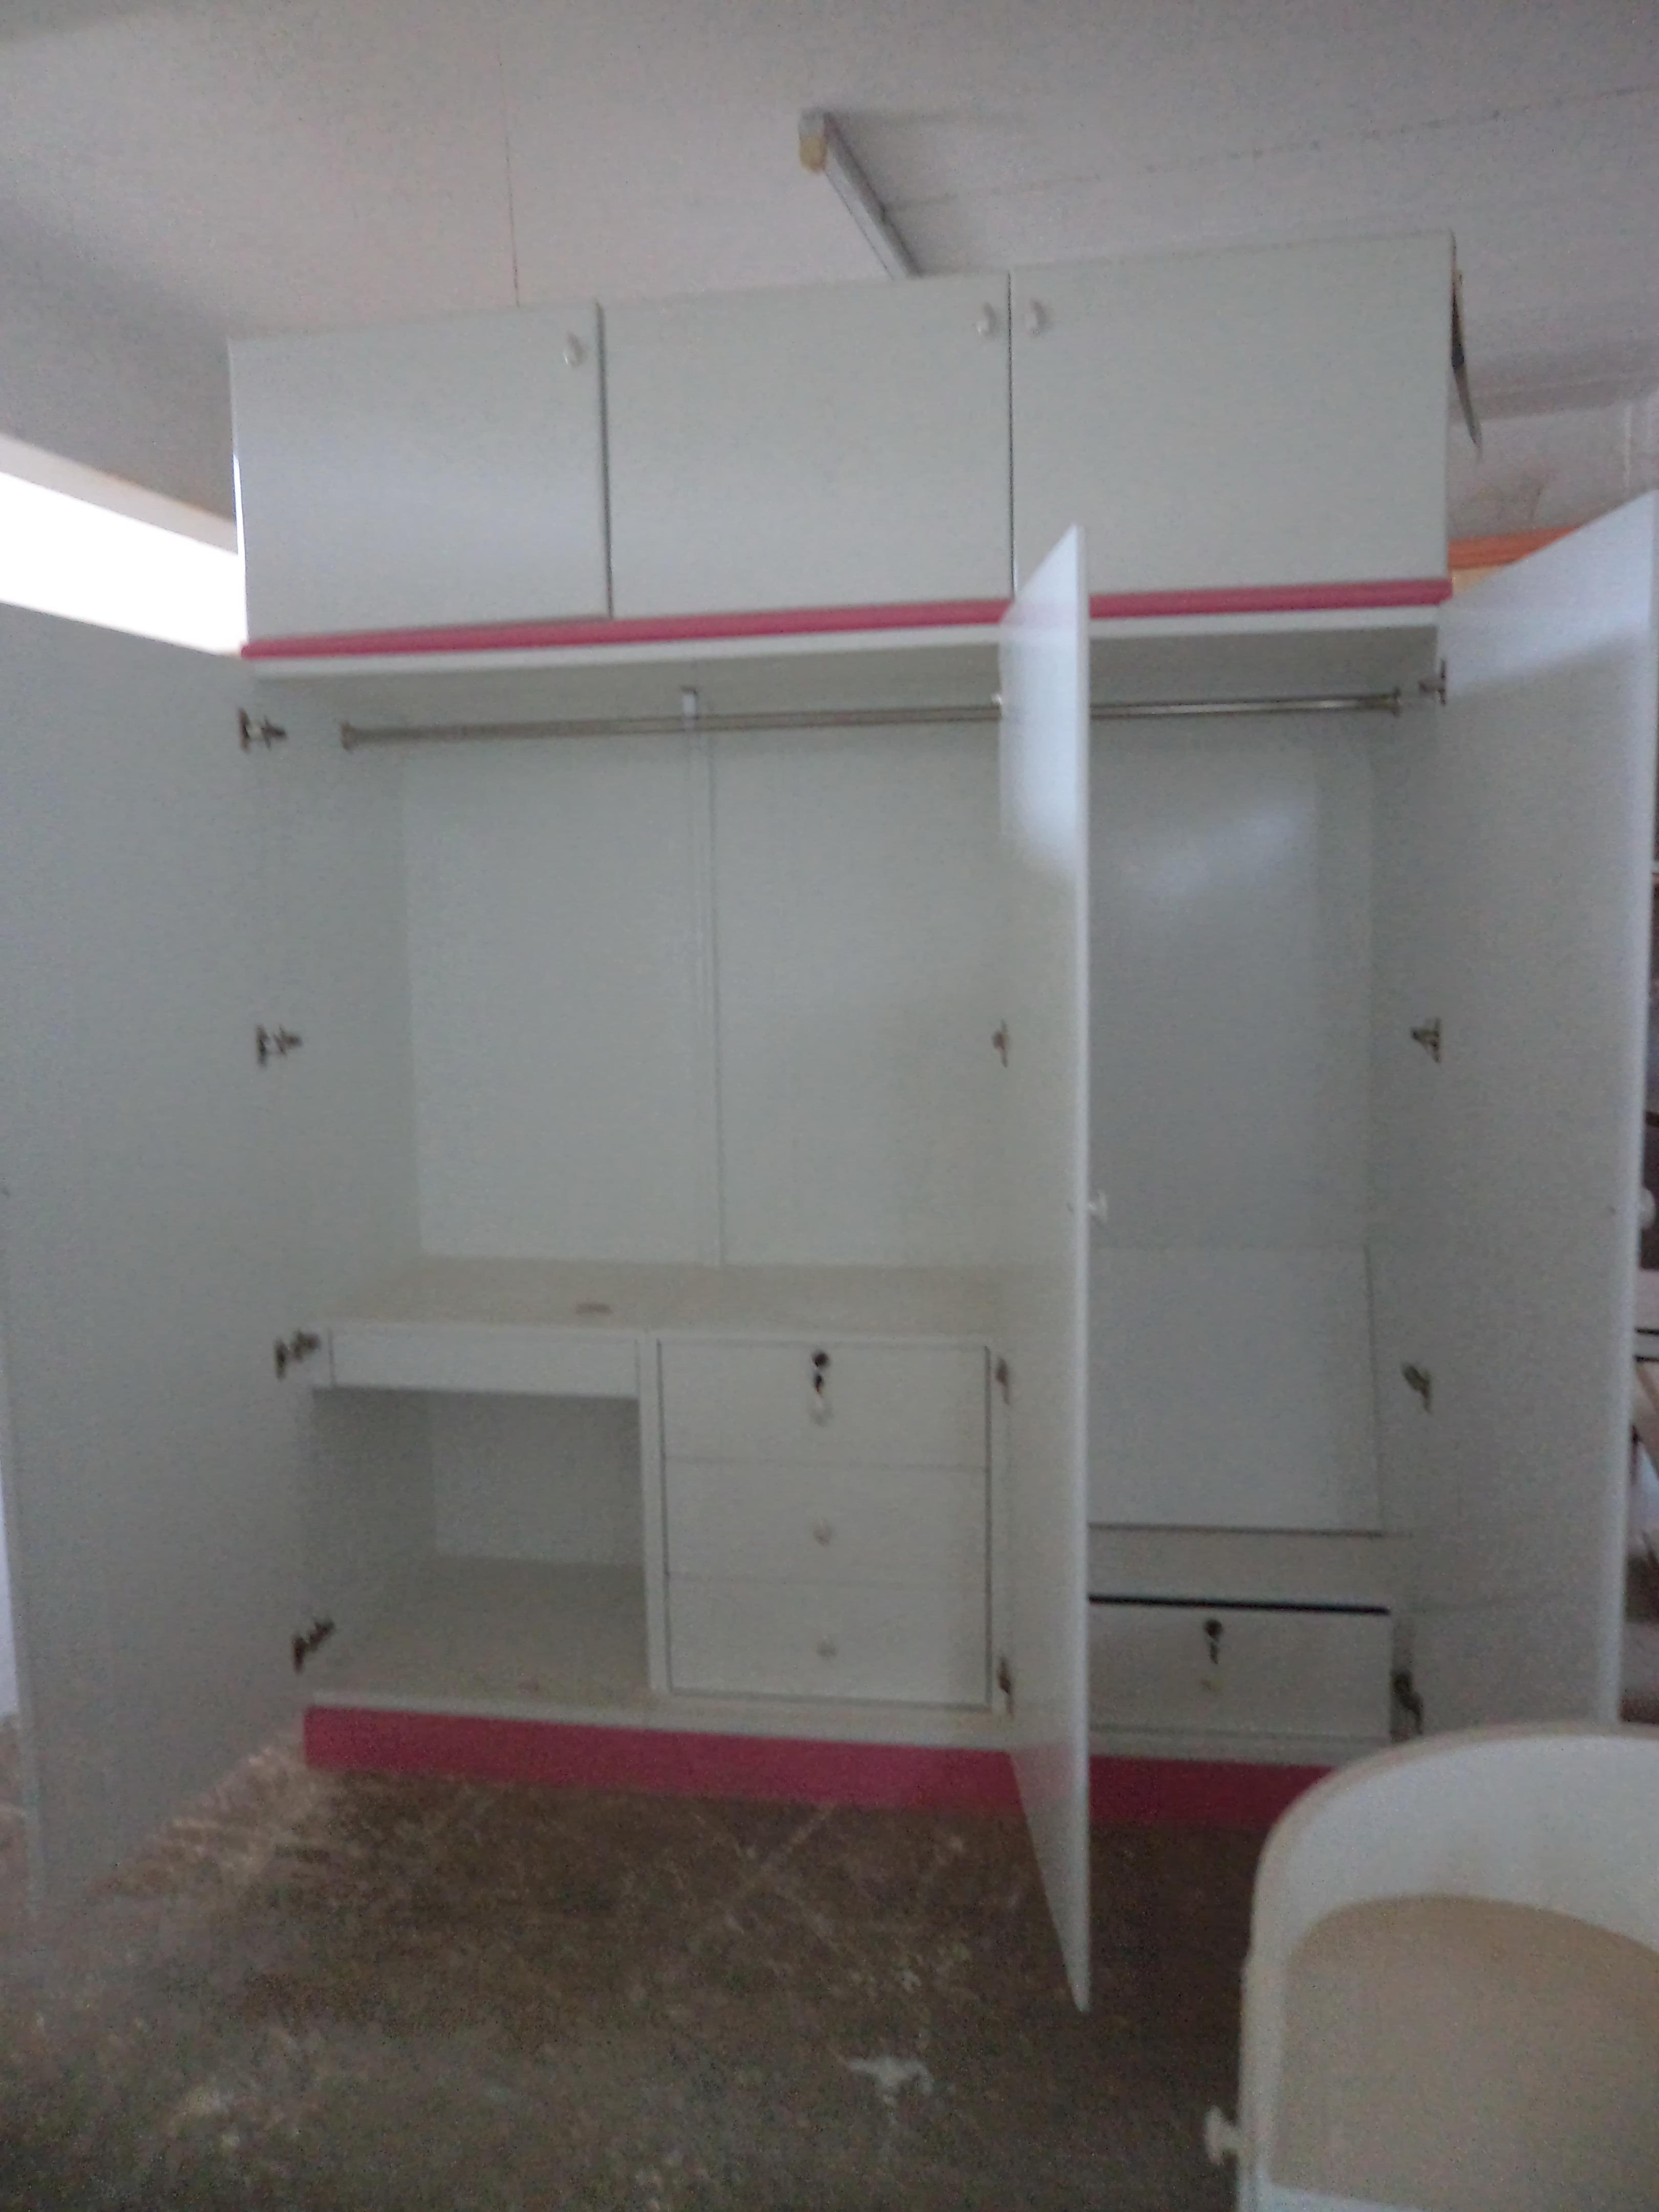 แบบภายในตู้เสื้อผ้าชุดห้องนอน(2)